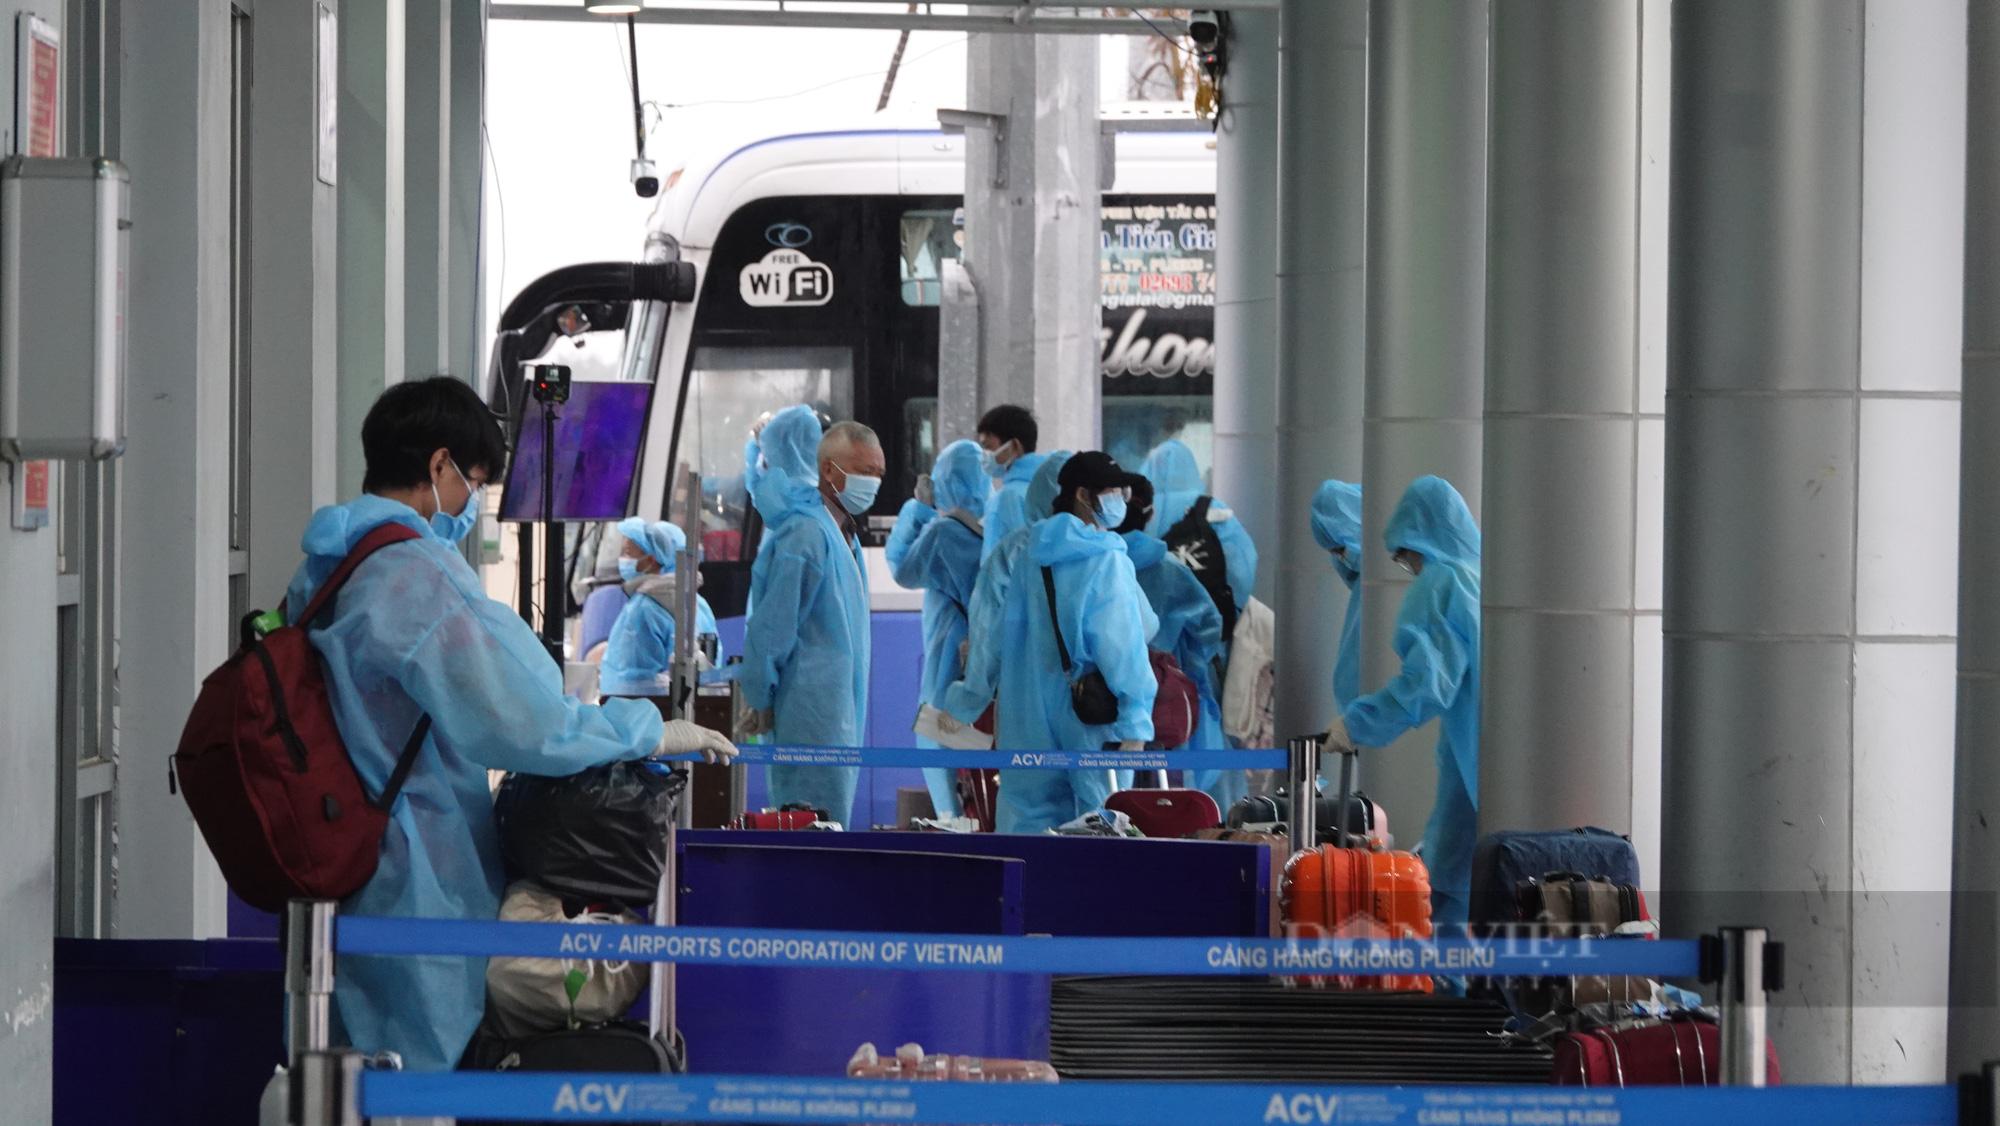 Chuyến bay đầu tiên chở gần 200 công dân từ TP.HCM về Gia Lai - Ảnh 3.